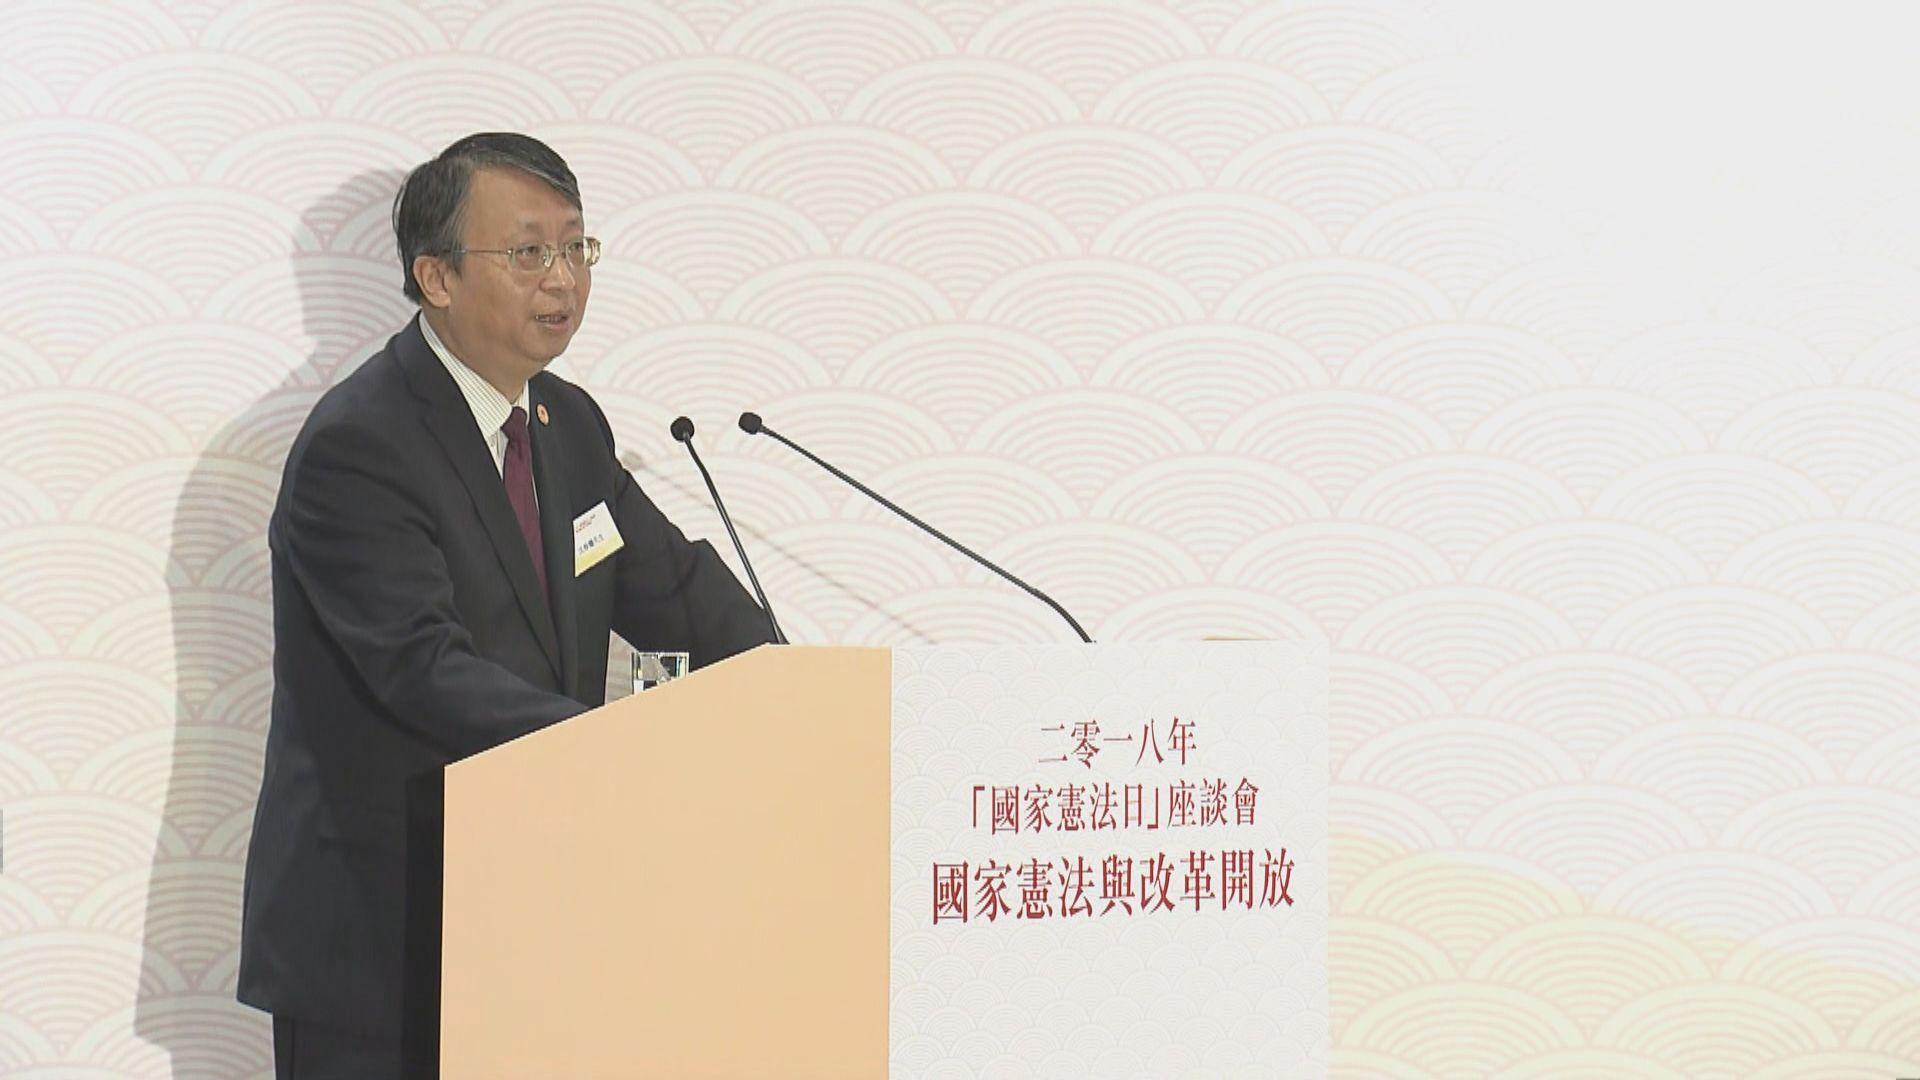 基本法委員會主任沈春耀憲法日致辭